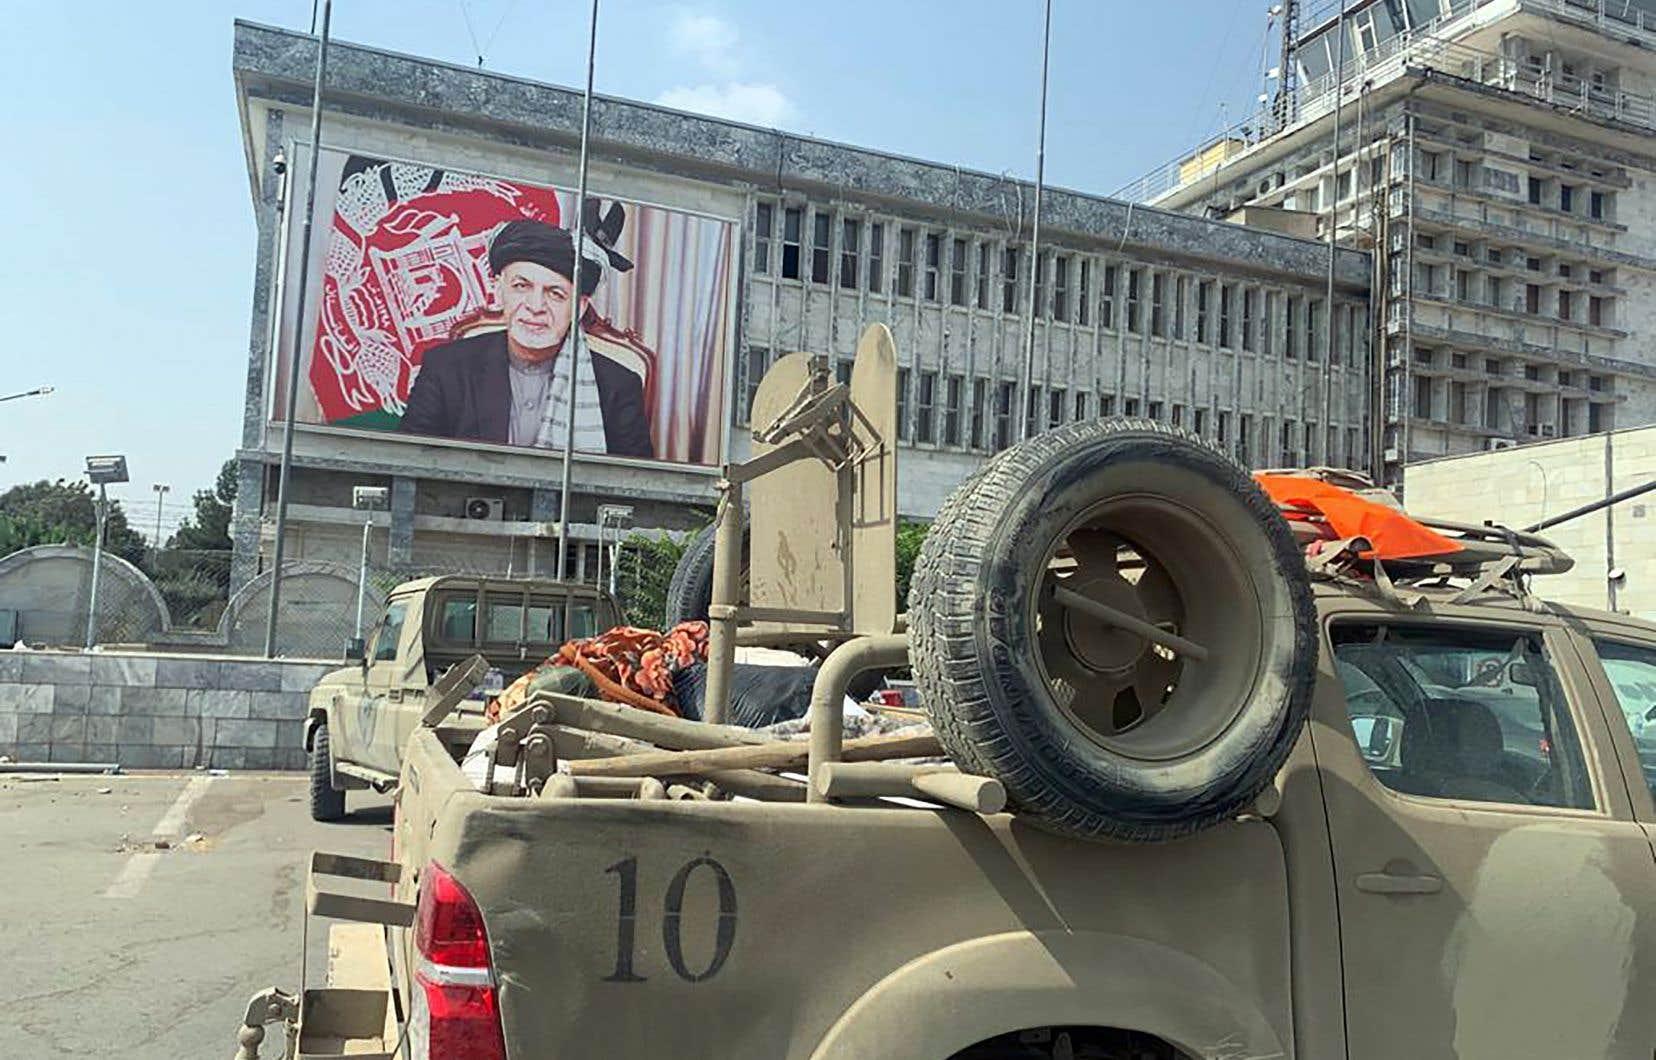 La composition du nouvel exécutif fera donc figure de test quant à la volonté réelle de changement affichée par les islamistes qui ont repris le pouvoir au président Ashraf Ghani.